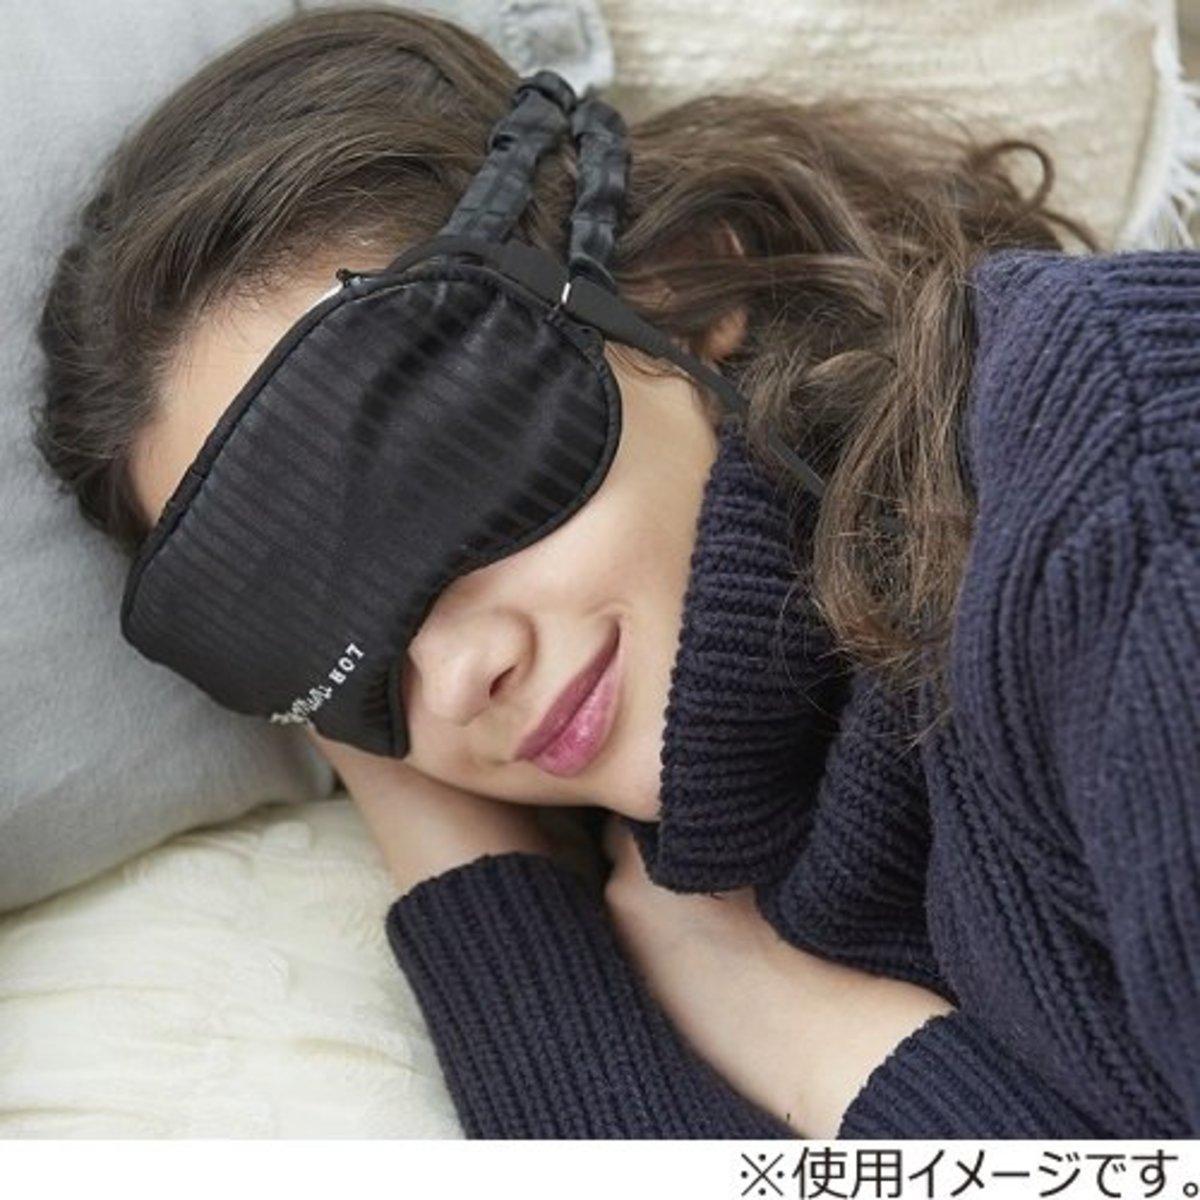 (黑色/N) 日本超人氣產品 MeMe USB 外攜發熱敷眼罩 (附收納袋)